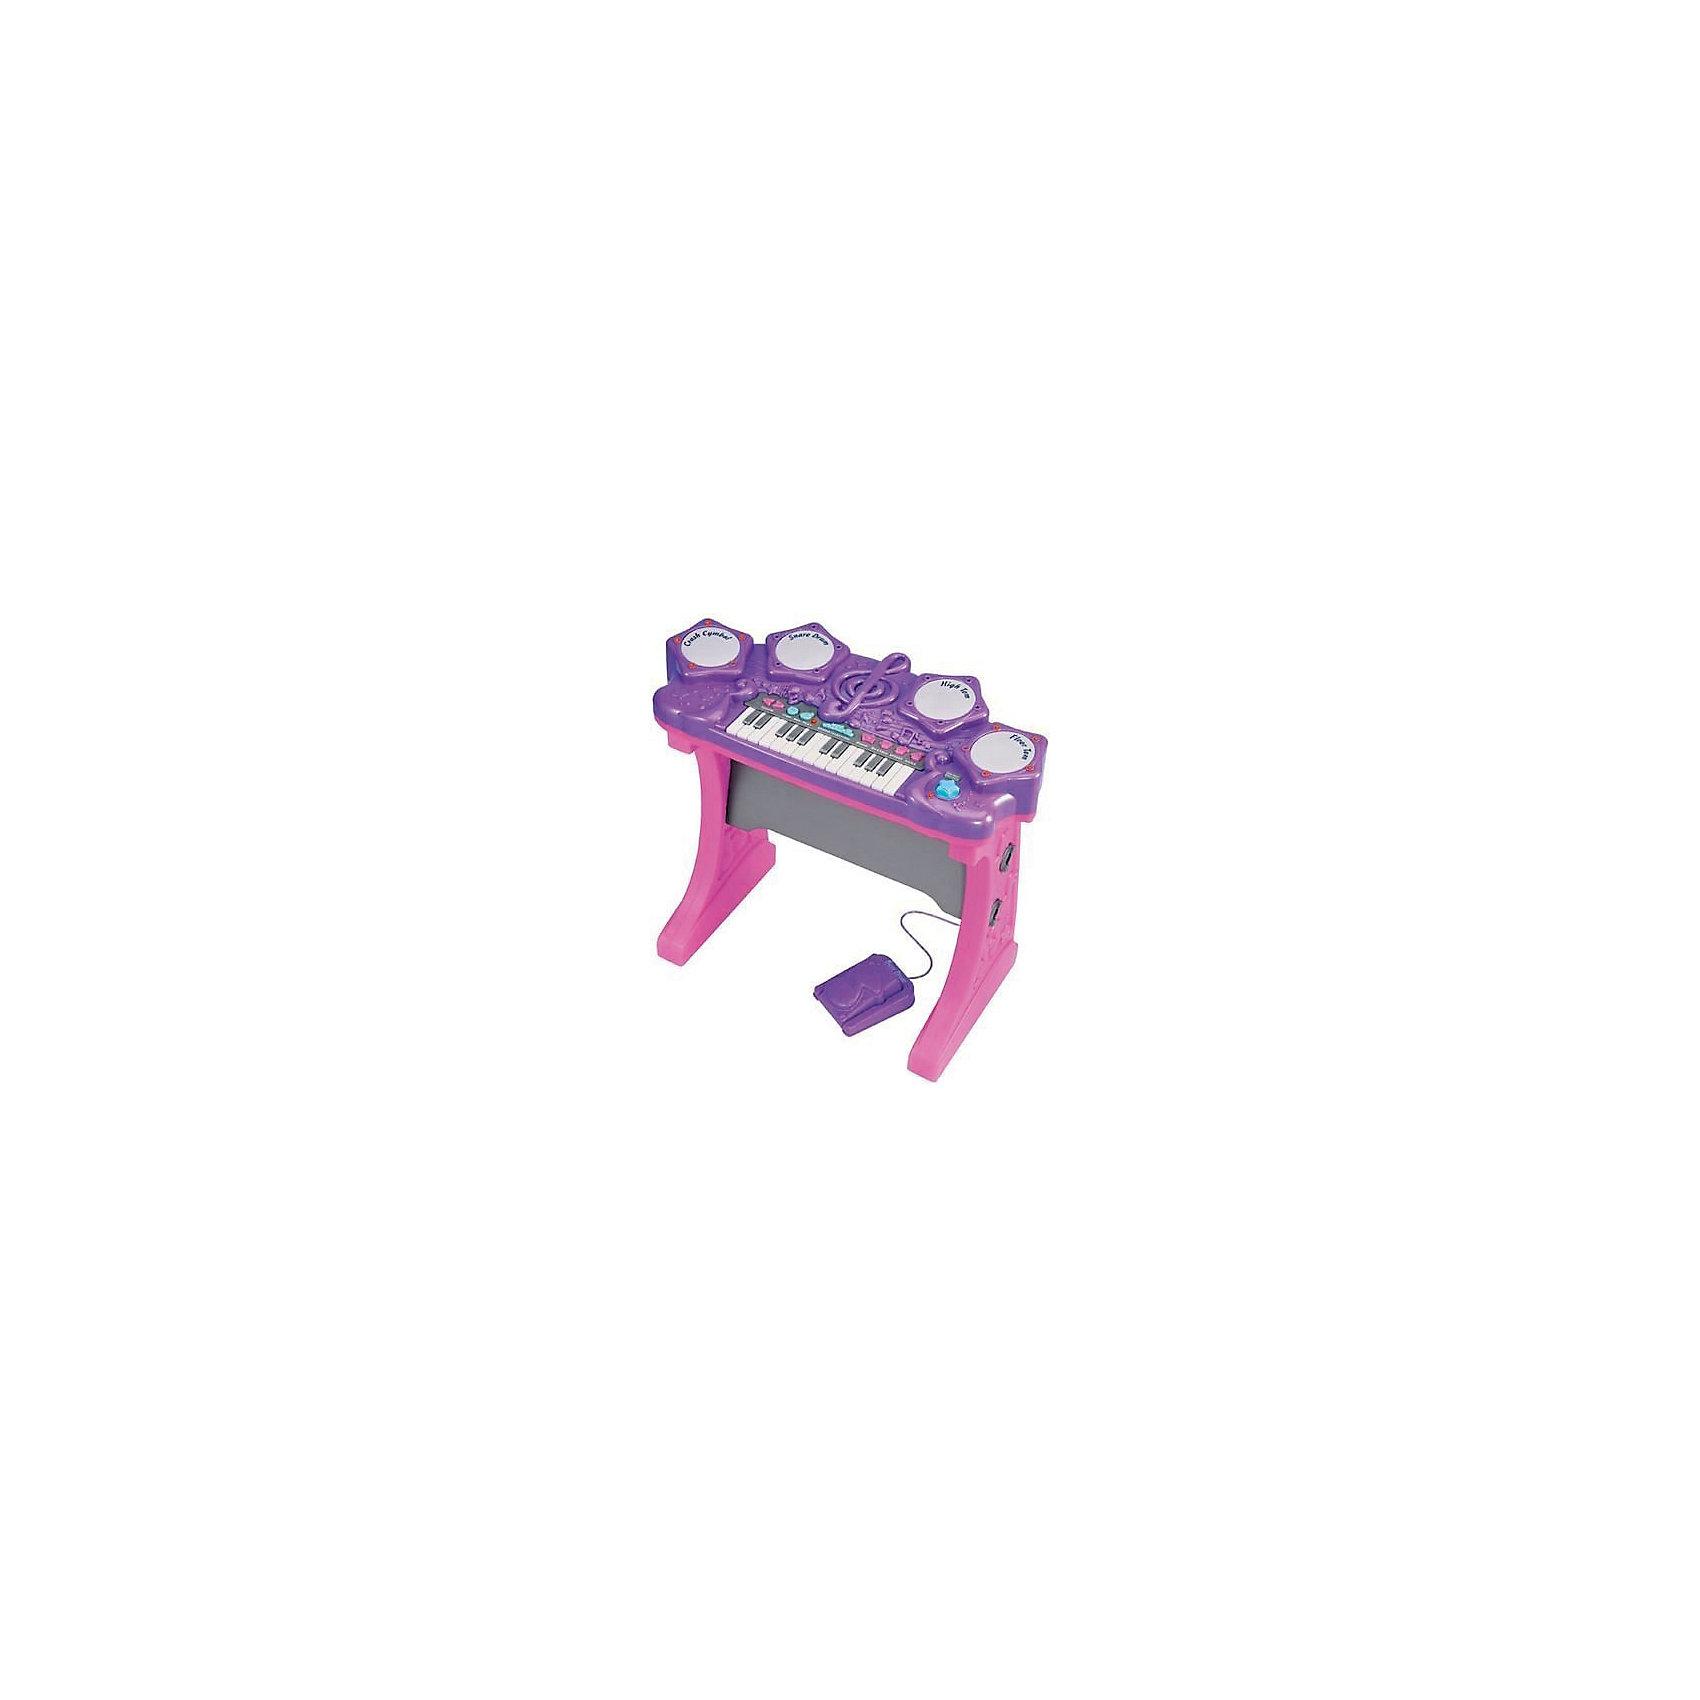 Синтезатор электронный, Red BoxМузыкальные инструменты и игрушки<br>Синтезатор электронный, Red Box (Ред Бокс) - приведет в восторг маленького музыканта.<br>Электронный синтезатор от торговой марки Red Box (Ред Бокс) очарует маленьких любителей музыки приятными мелодичными звуками. Нажимая на всевозможные кнопки, ребенок услышит разнообразные мелодии, звуки, ритмы, ноты. Он может изучать ноты, придумывать свои мелодии или накладывать музыку на уже готовые мелодии. Синтезатор может проигрывать 15 мелодий, записывать и воспроизводить мелодии, имеет 4 клавиши ударника, комплектуется барабанными палочками для ударных и педалью. Громкость можно отрегулировать по своему усмотрению. Синтезатор оснащен световыми эффектами. Игрушка сделана из пластика высокого качества и раскрашена в яркие цвета. Такой музыкальный инструмент развивает у ребенка чувство ритма, слух, координацию и творческое мышление.<br><br>Дополнительная информация:<br><br>- В комплекте: синтезатор; педаль ударника; 2 барабанные палочки<br>- 20 различных звуков от барабана или педали<br>- 3 демонстрационные песни<br>- 15 различных ритмов при нажатии белых клавиш<br>- 4 клавиши ударника (Crash Cymbal, Snare Drum, High Tom, Floor Tom)<br>- Игра сопровождается световыми эффектами<br>- Громкость звучания можно регулировать<br>- Материал: пластик<br>- Батарейки: 4 шт. типа СR14 1,5 V (в комплект не входят)<br>- Размер синтезатора: 58х29х53 см.<br>- Размер упаковки: 63х10х51 см.<br><br>Синтезатор электронный, Red Box (Ред Бокс) можно купить в нашем интернет-магазине.<br><br>Ширина мм: 600<br>Глубина мм: 100<br>Высота мм: 500<br>Вес г: 3700<br>Возраст от месяцев: 36<br>Возраст до месяцев: 120<br>Пол: Унисекс<br>Возраст: Детский<br>SKU: 4747484